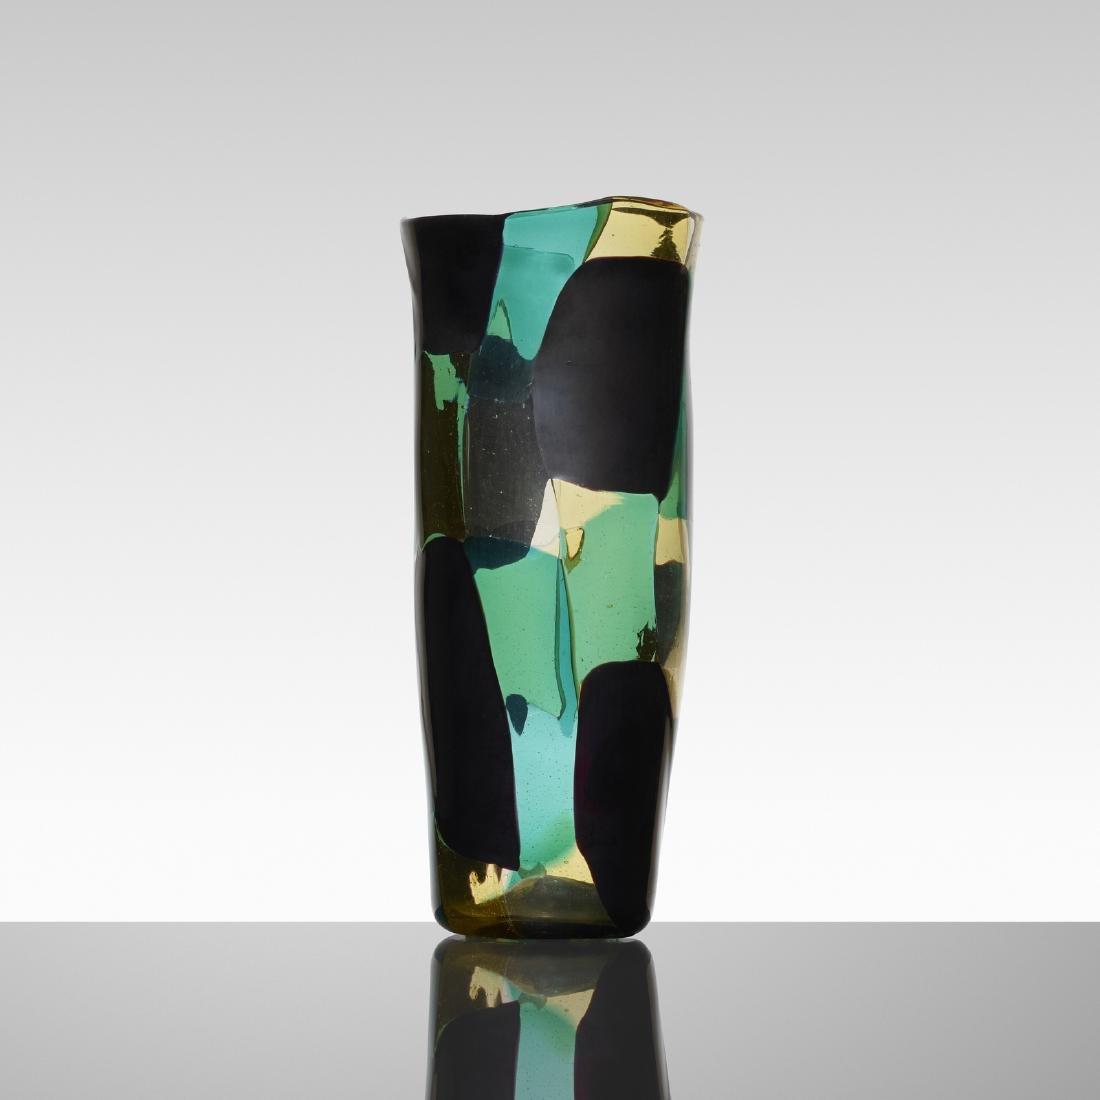 Fulvio Bianconi, Pezzato Americano vase, model 4406